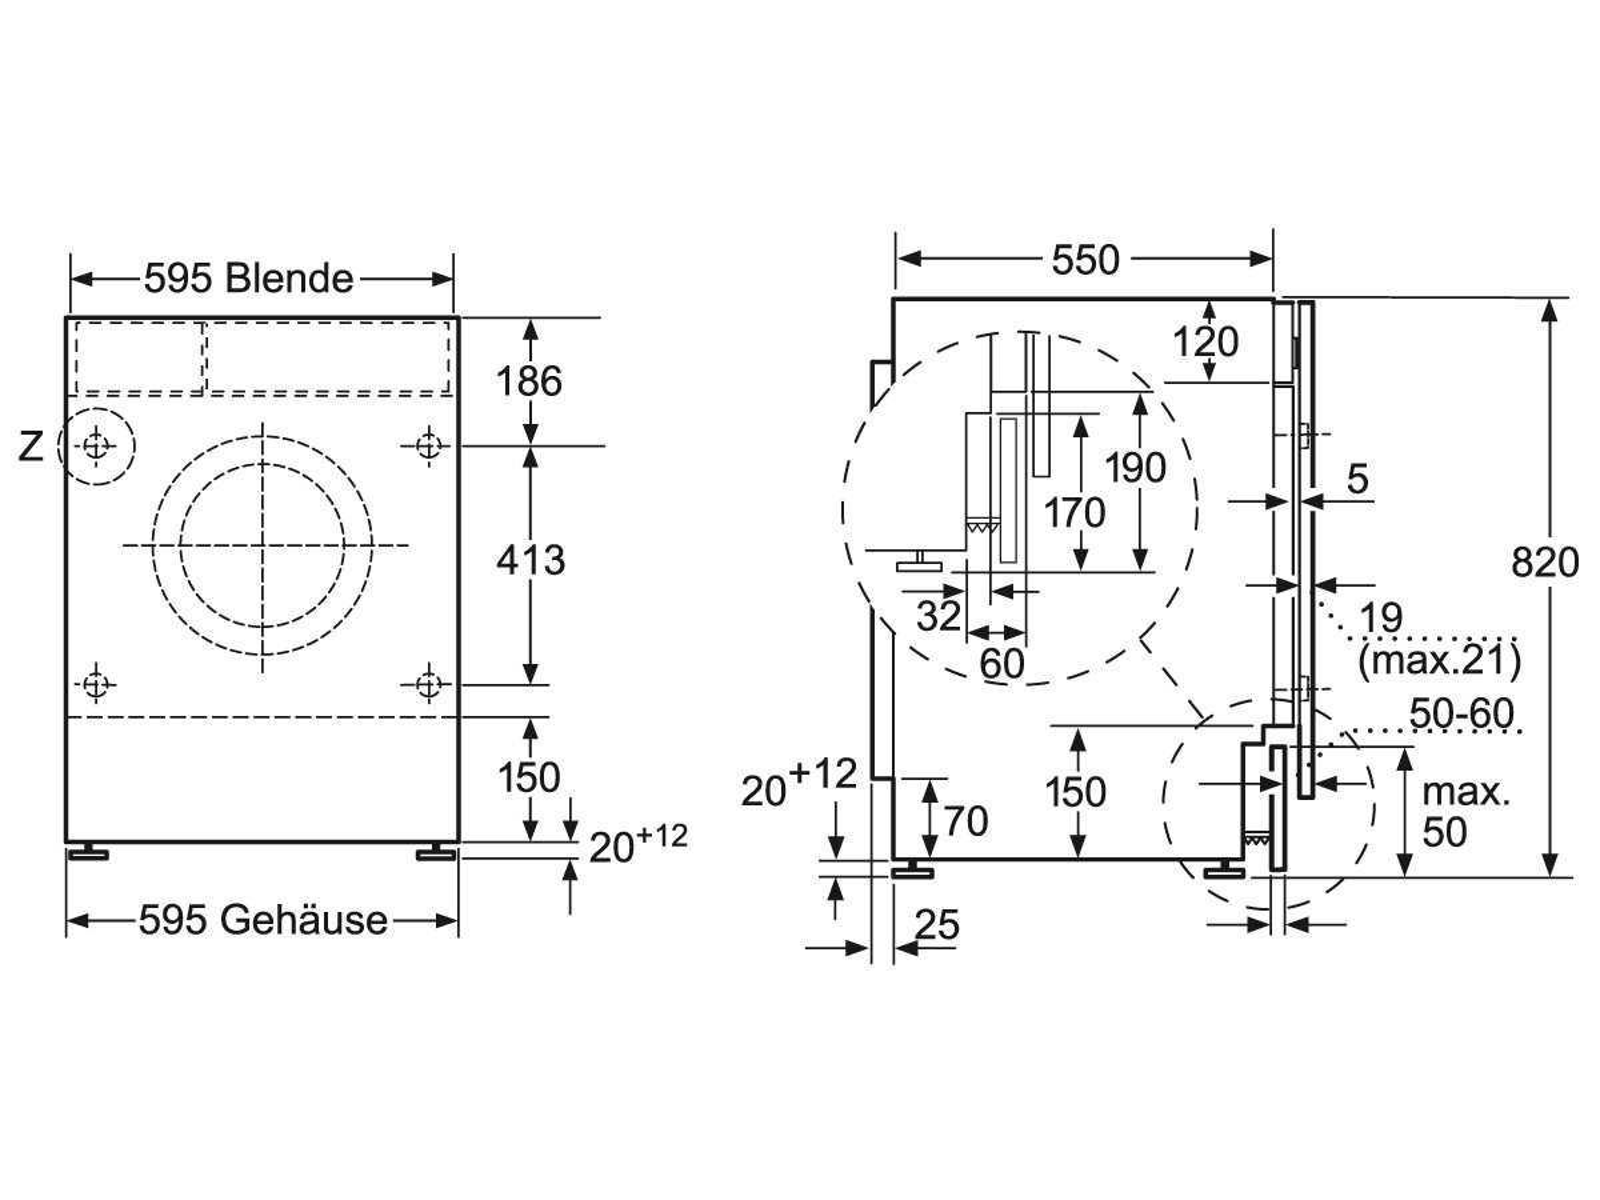 waschtrockner siemens wk 14 d 540 einbau waschmaschine ebay. Black Bedroom Furniture Sets. Home Design Ideas